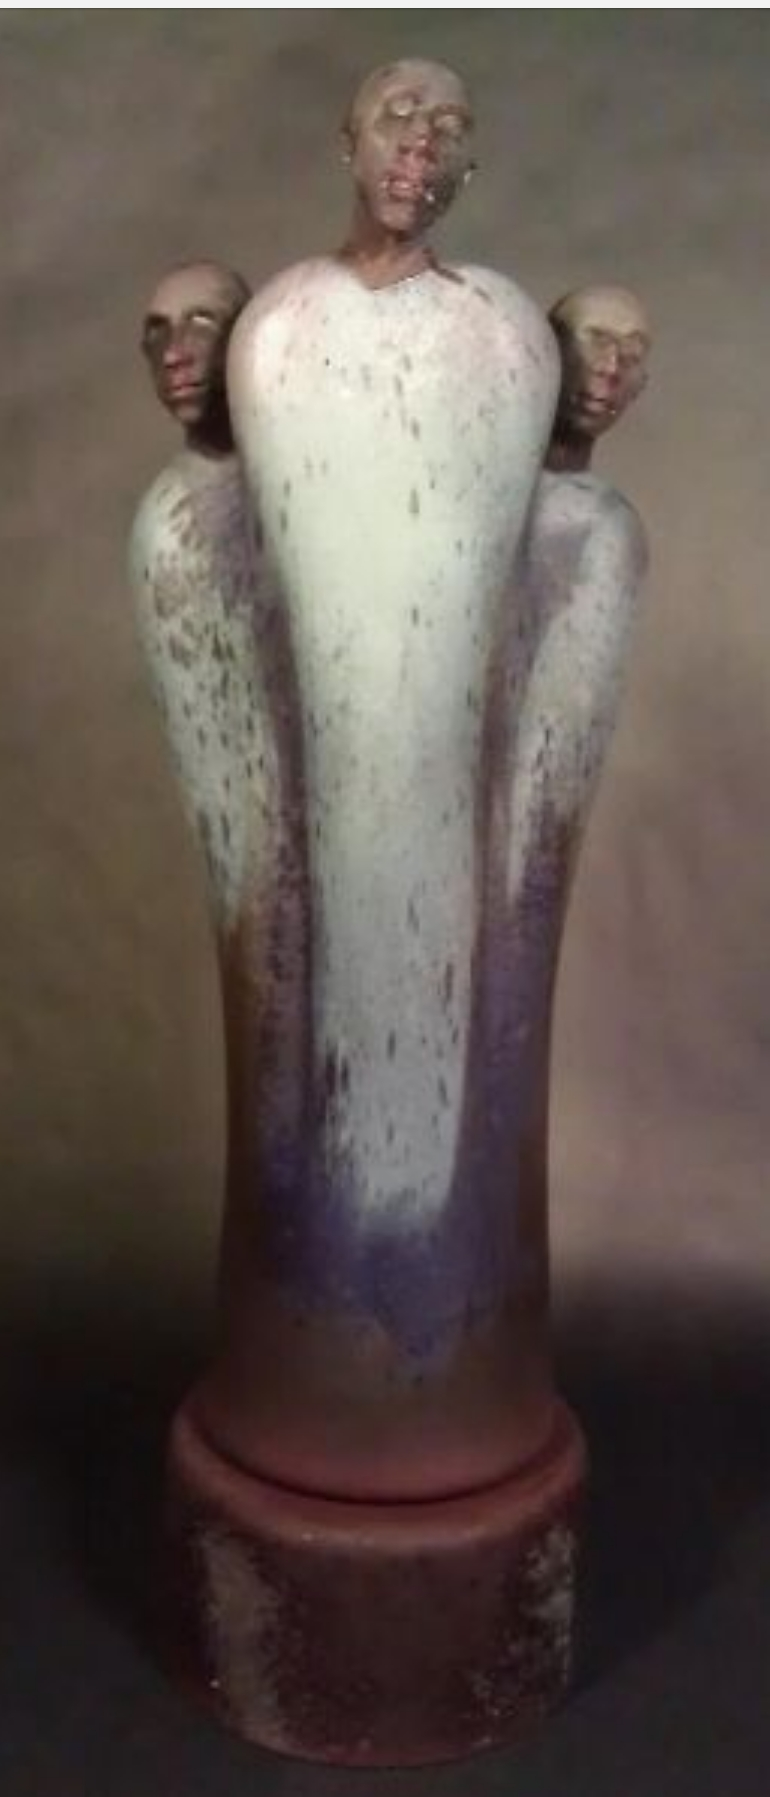 Blown and sculpted figurative glass sculpture by artist Ross Richmond